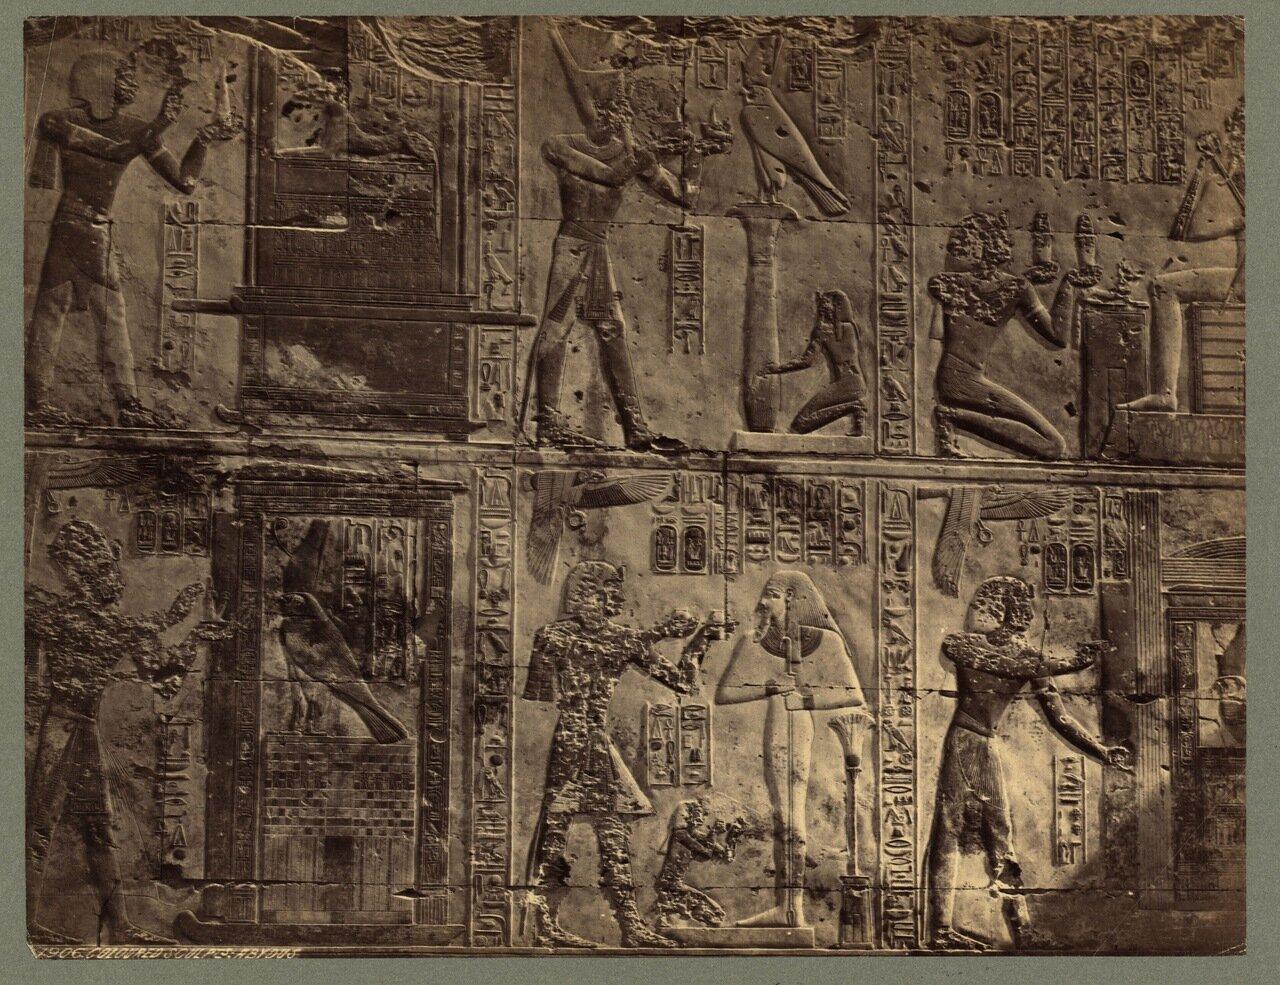 Абидос. Рельеф в храме Рамсеса II